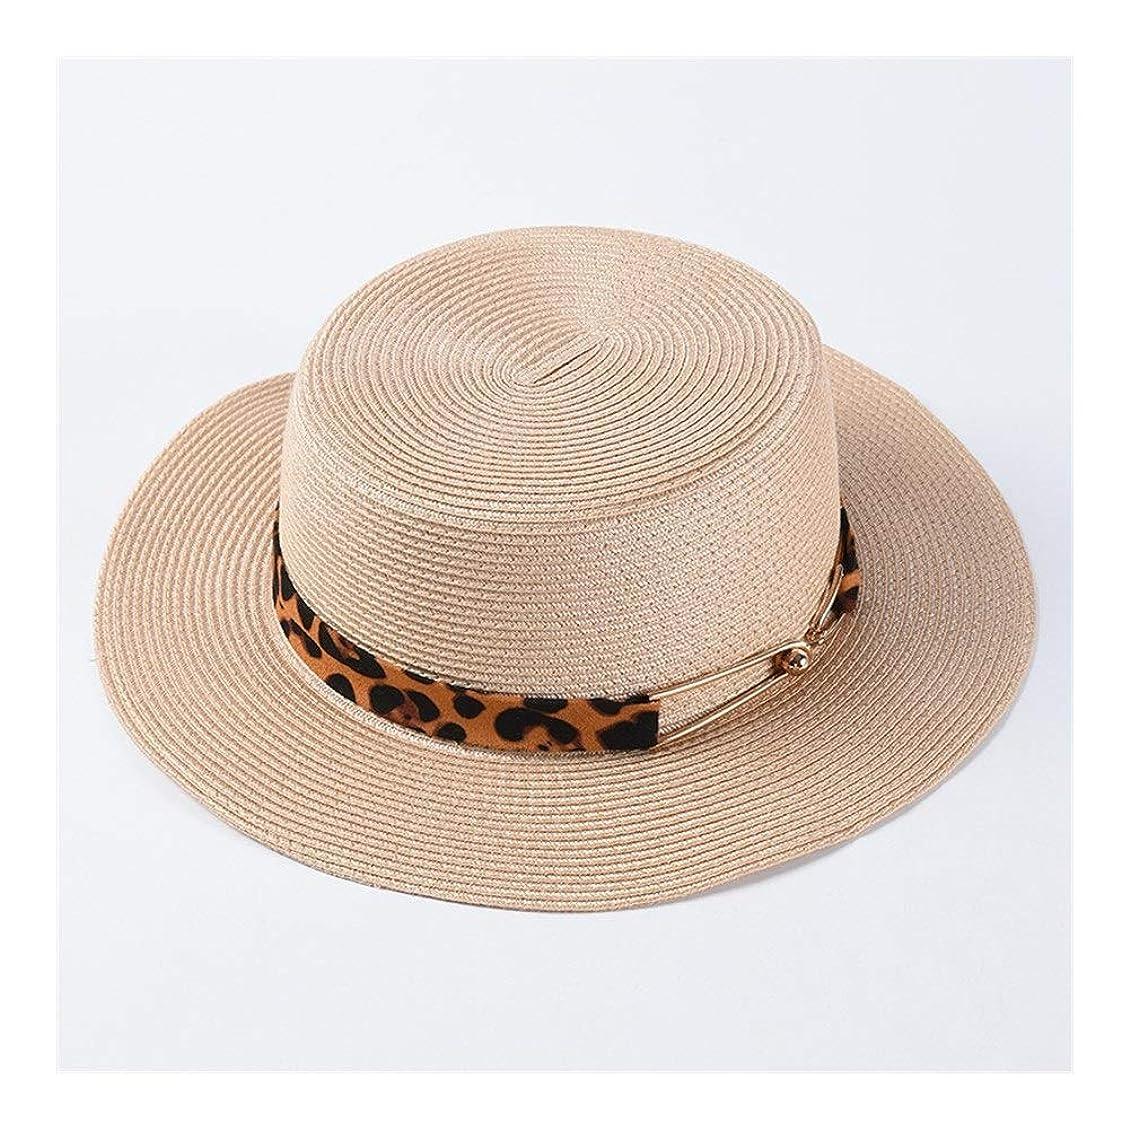 彼ら採用するなんとなくZHANGBIN 夏のブティックPP上質紙辫フラットトップ折りたたみ麦わら帽子女性のファッションヒョウ装飾的な小さな帽子野生のバイザー (Color : Beige)